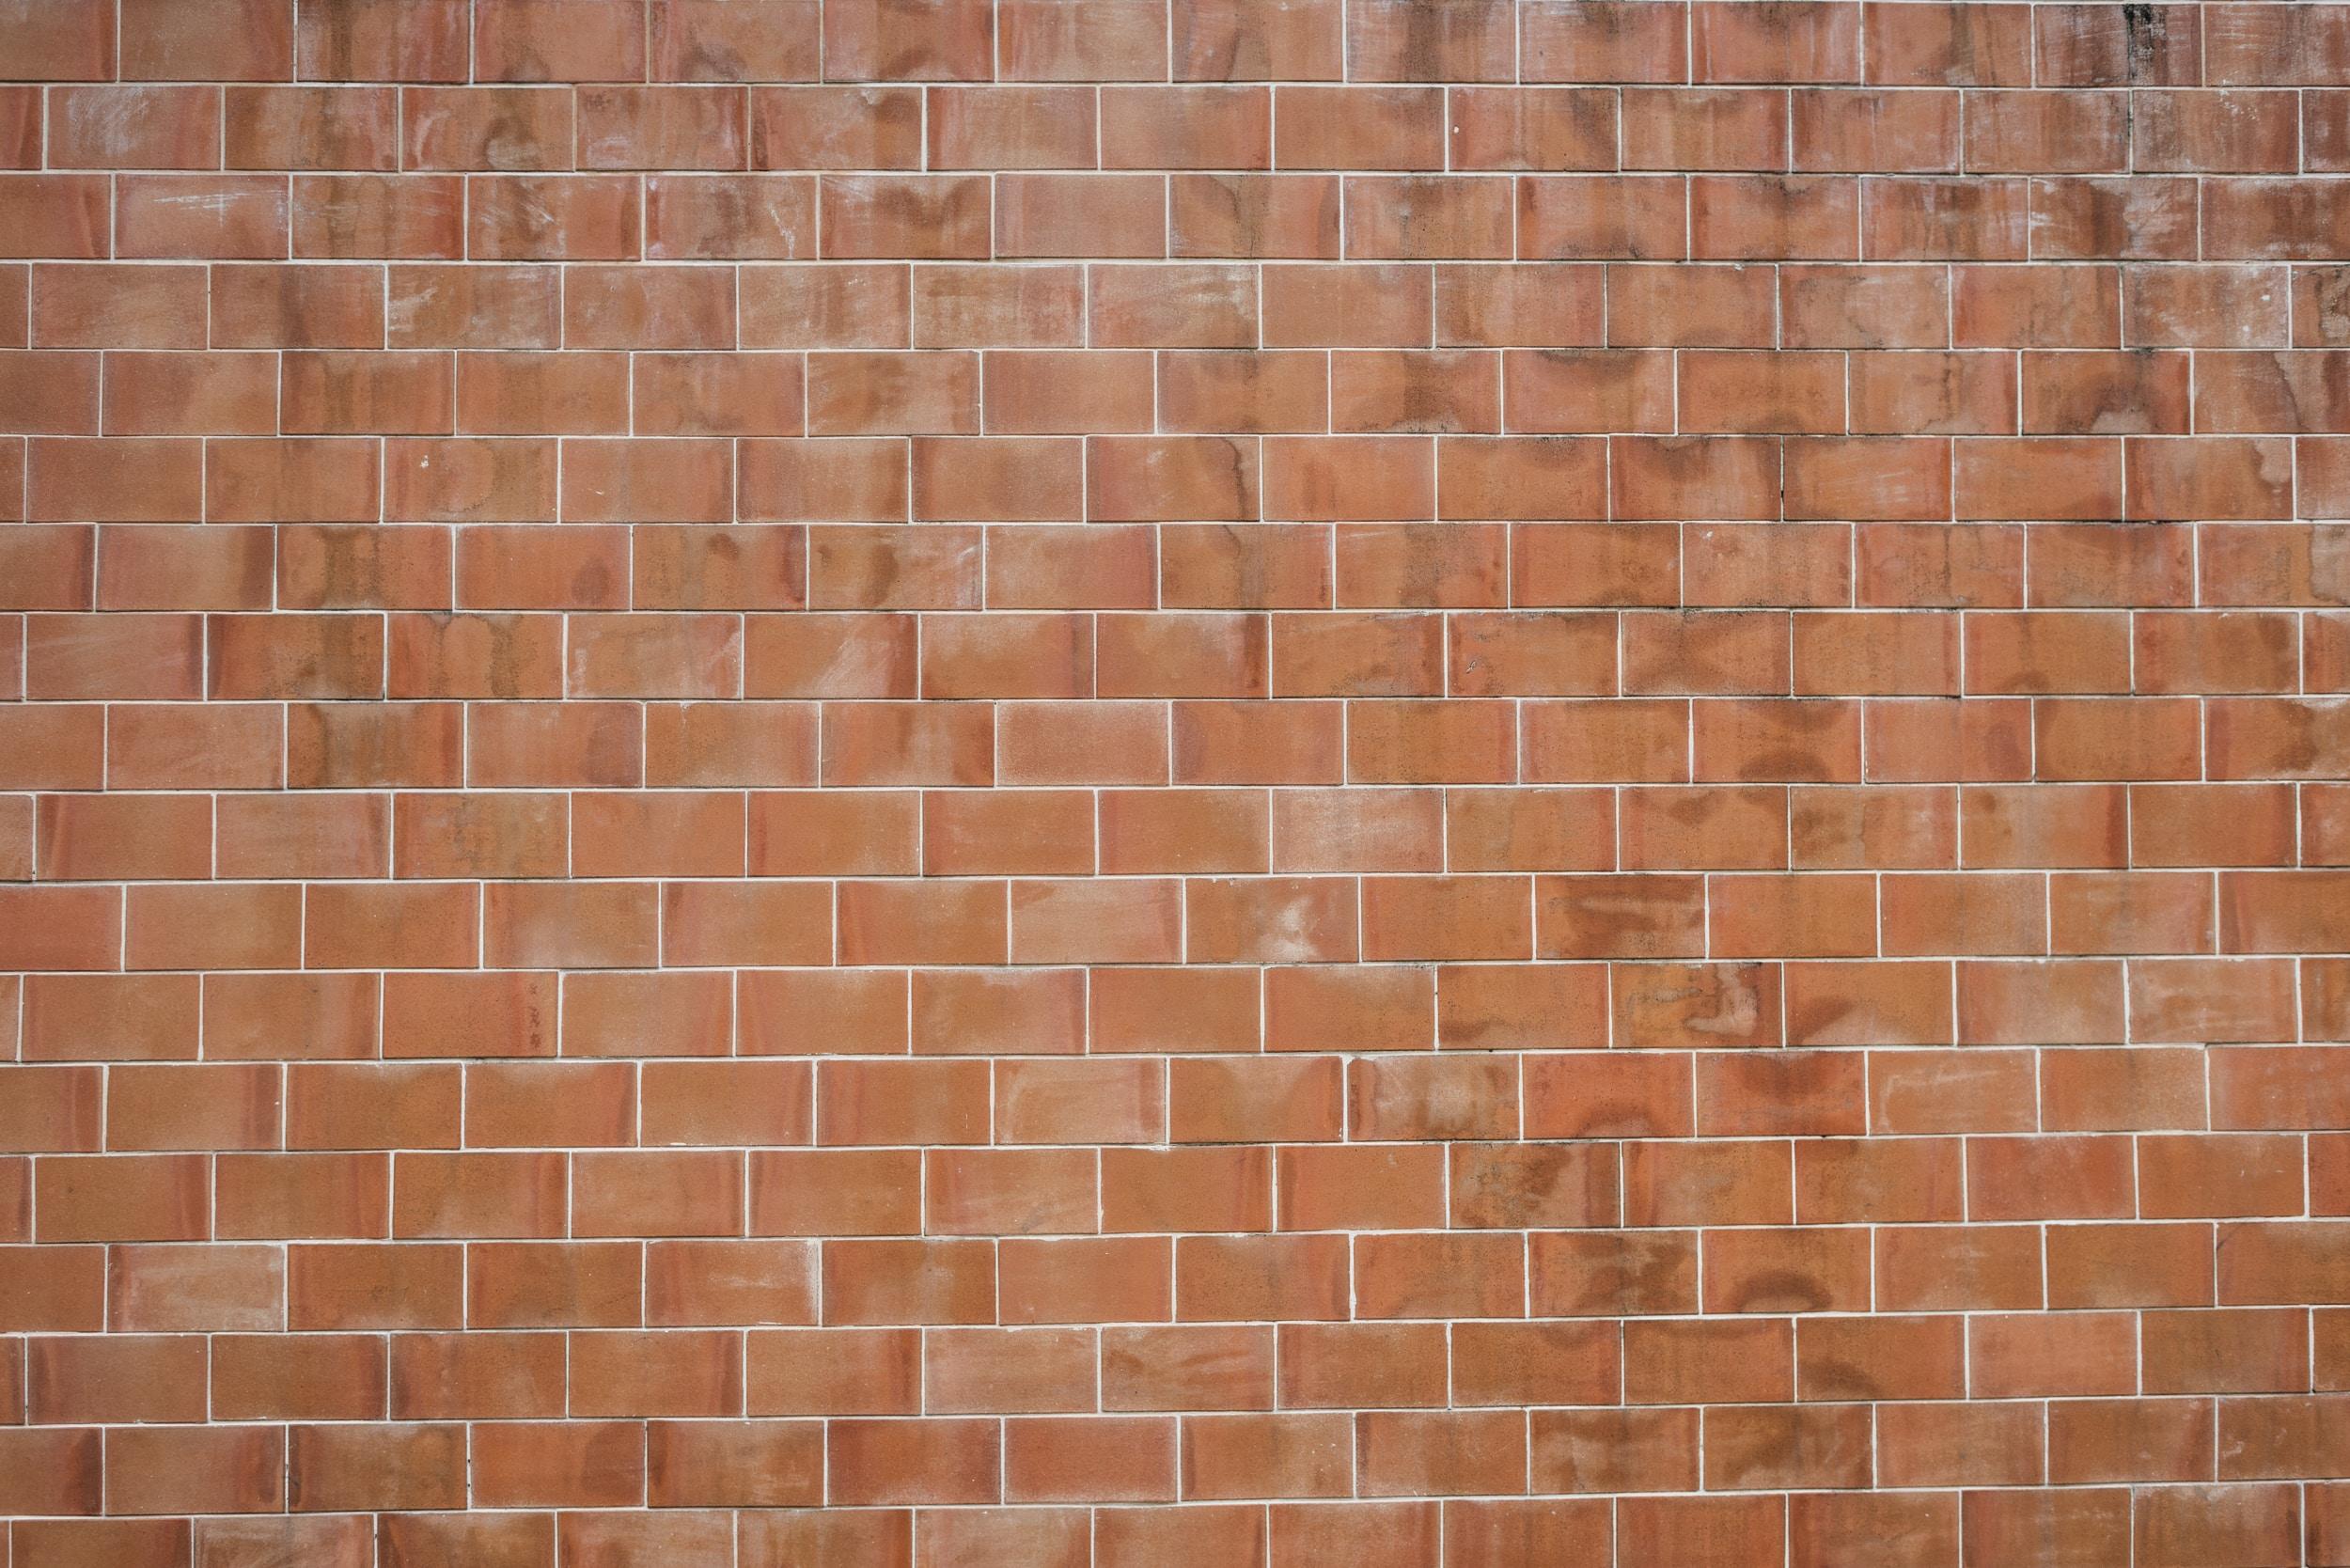 photo of brown brick wall